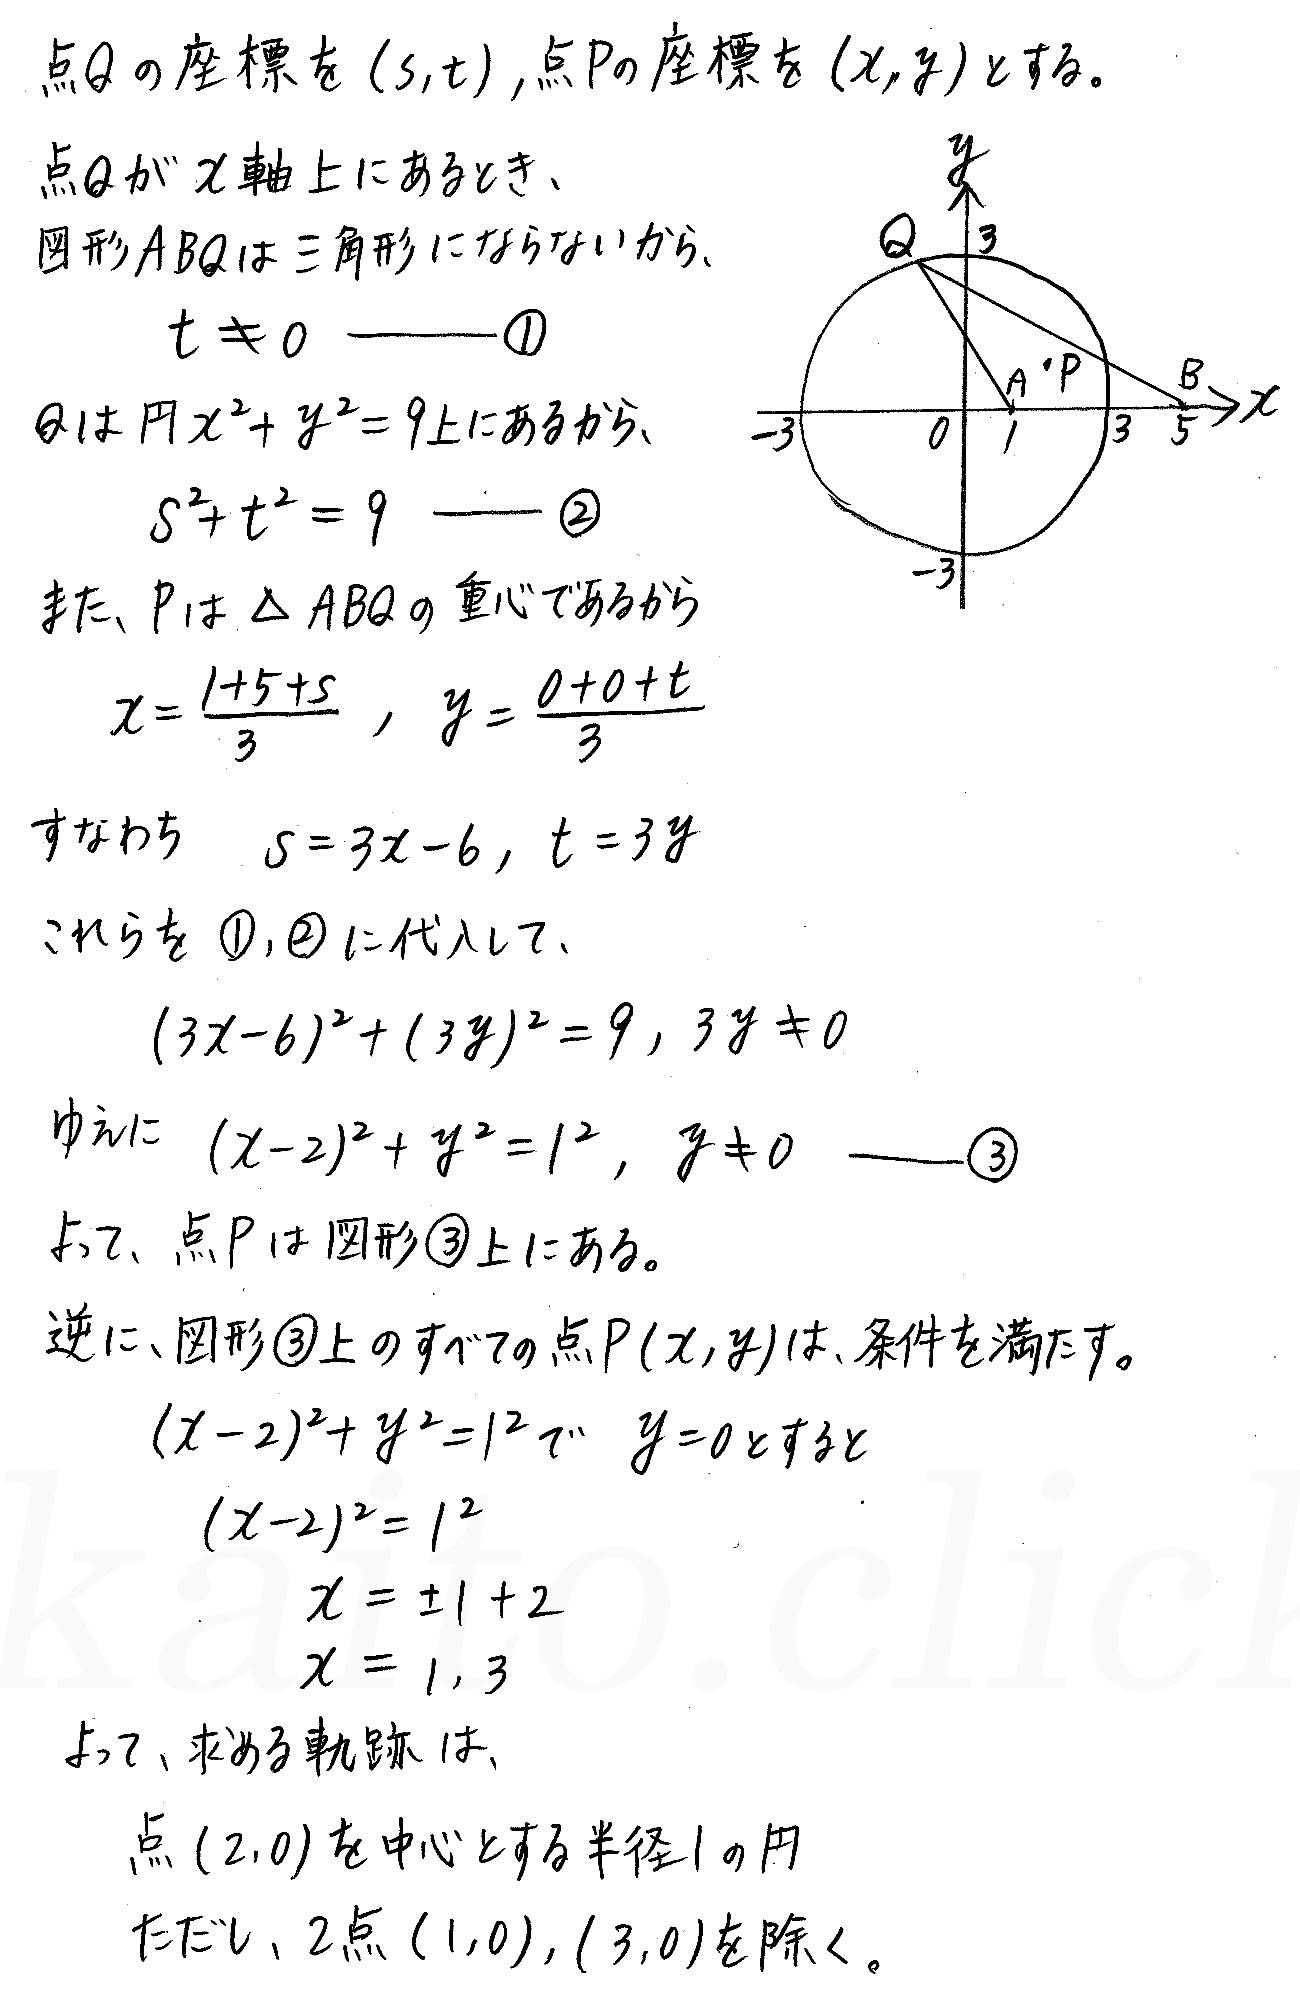 クリアー数学2-217解答